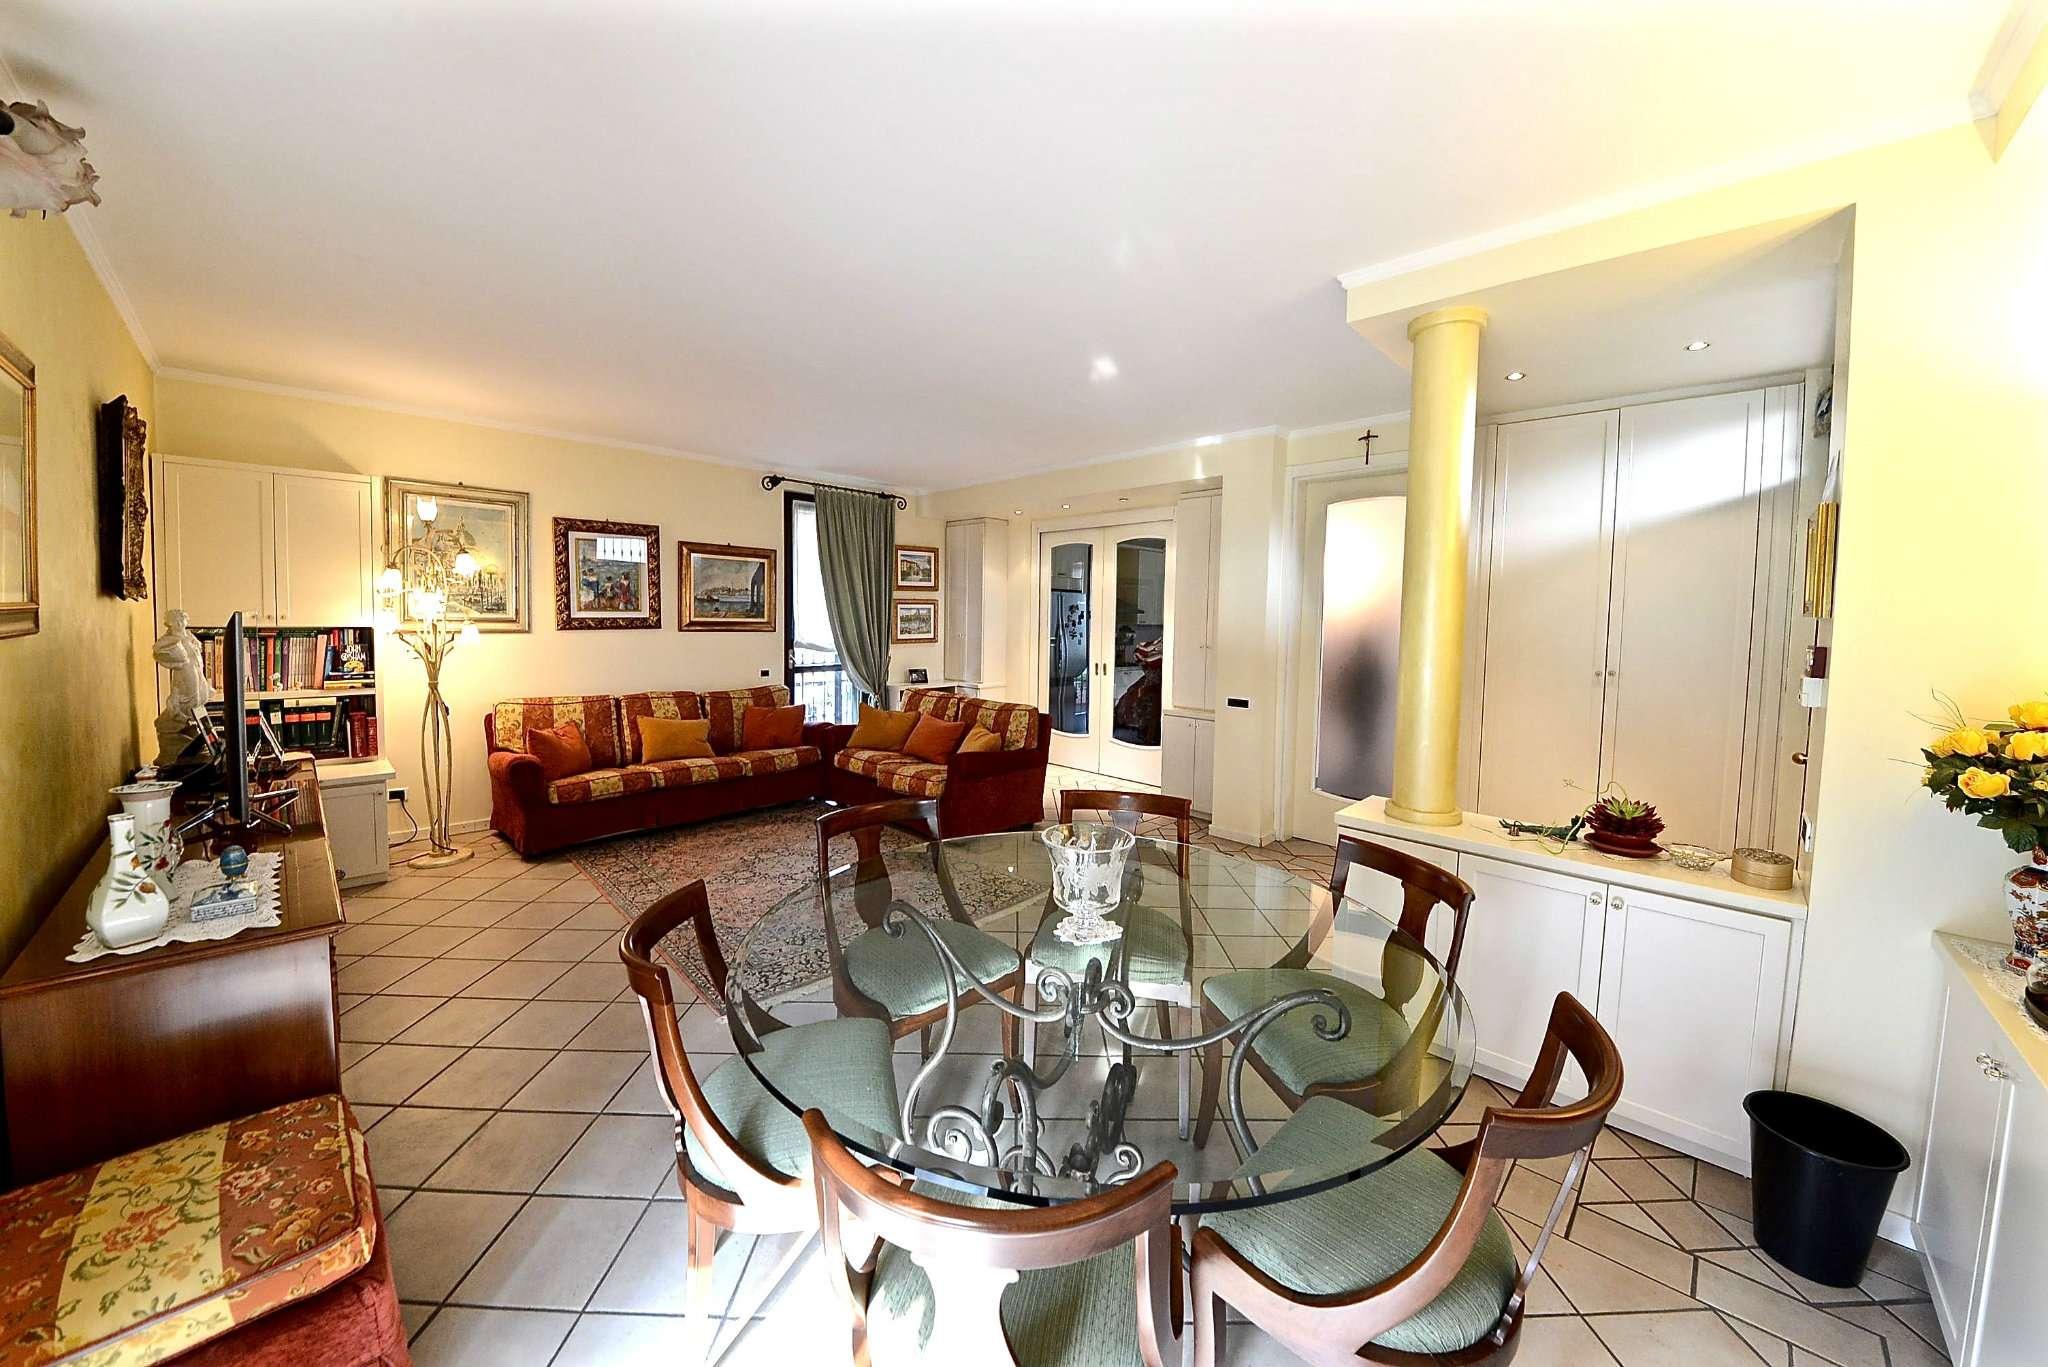 Villa in vendita a Seveso, 4 locali, prezzo € 420.000 | CambioCasa.it